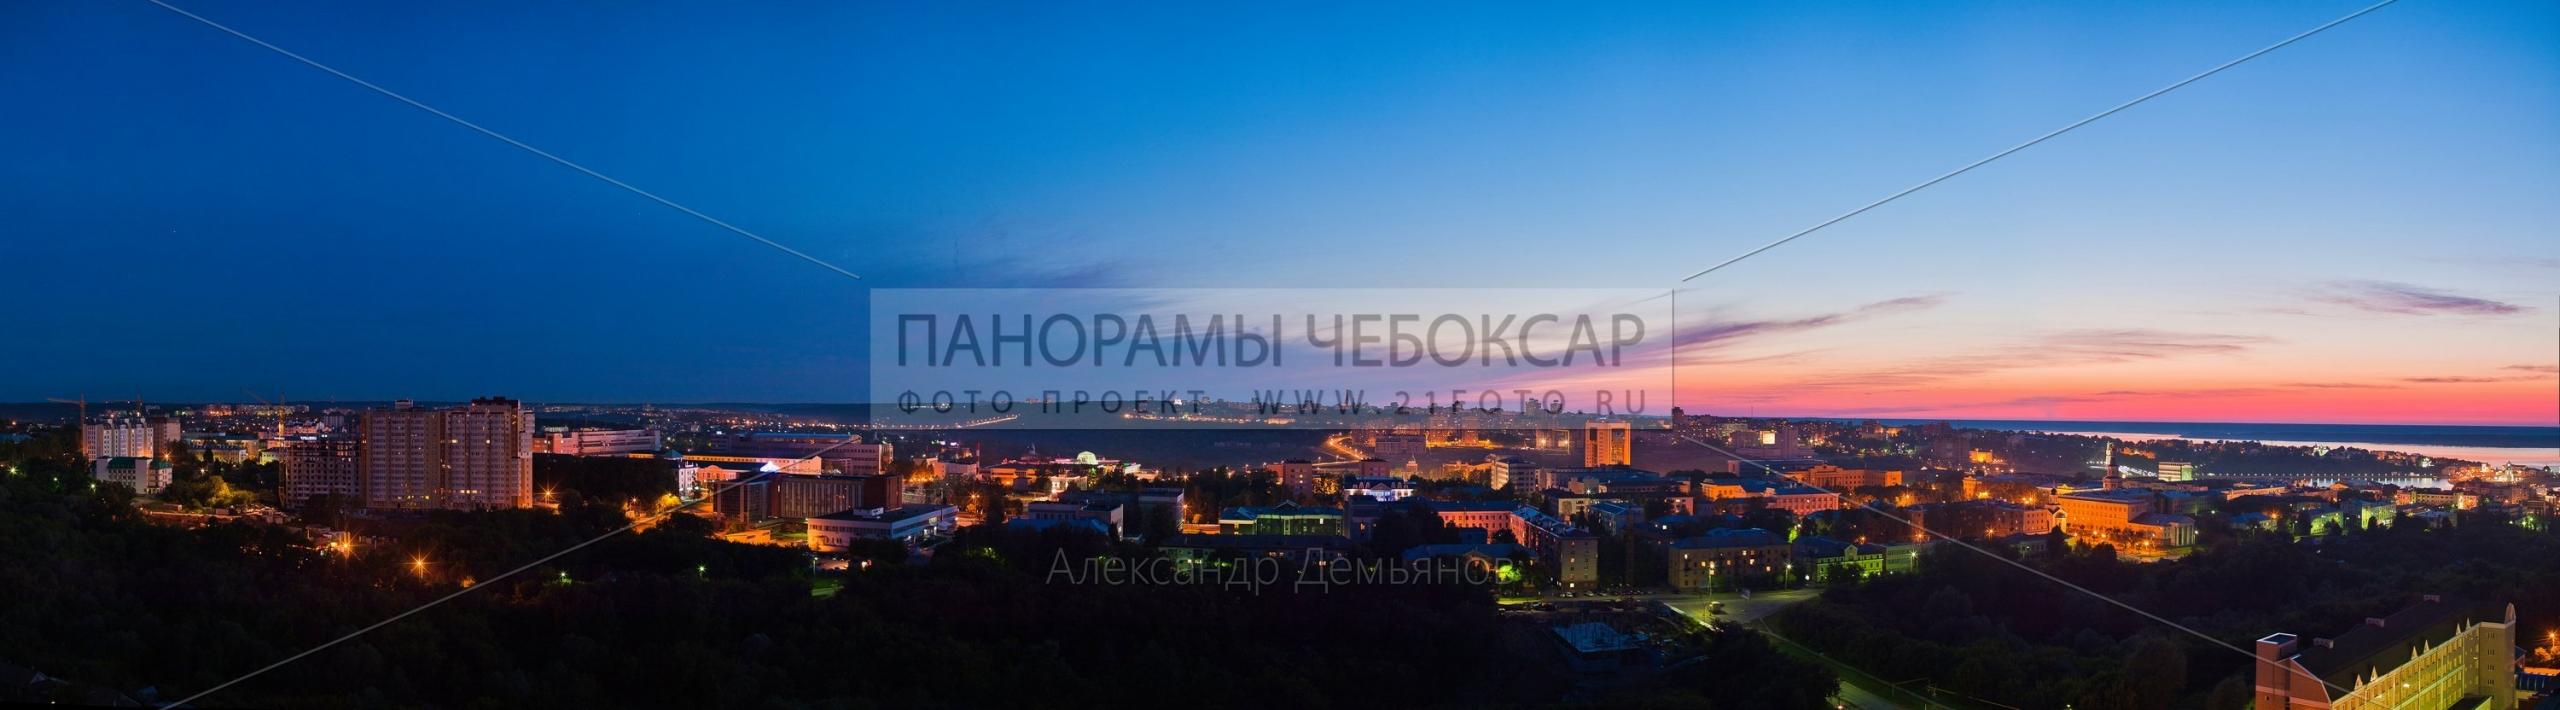 Центр города Чебоксары закат